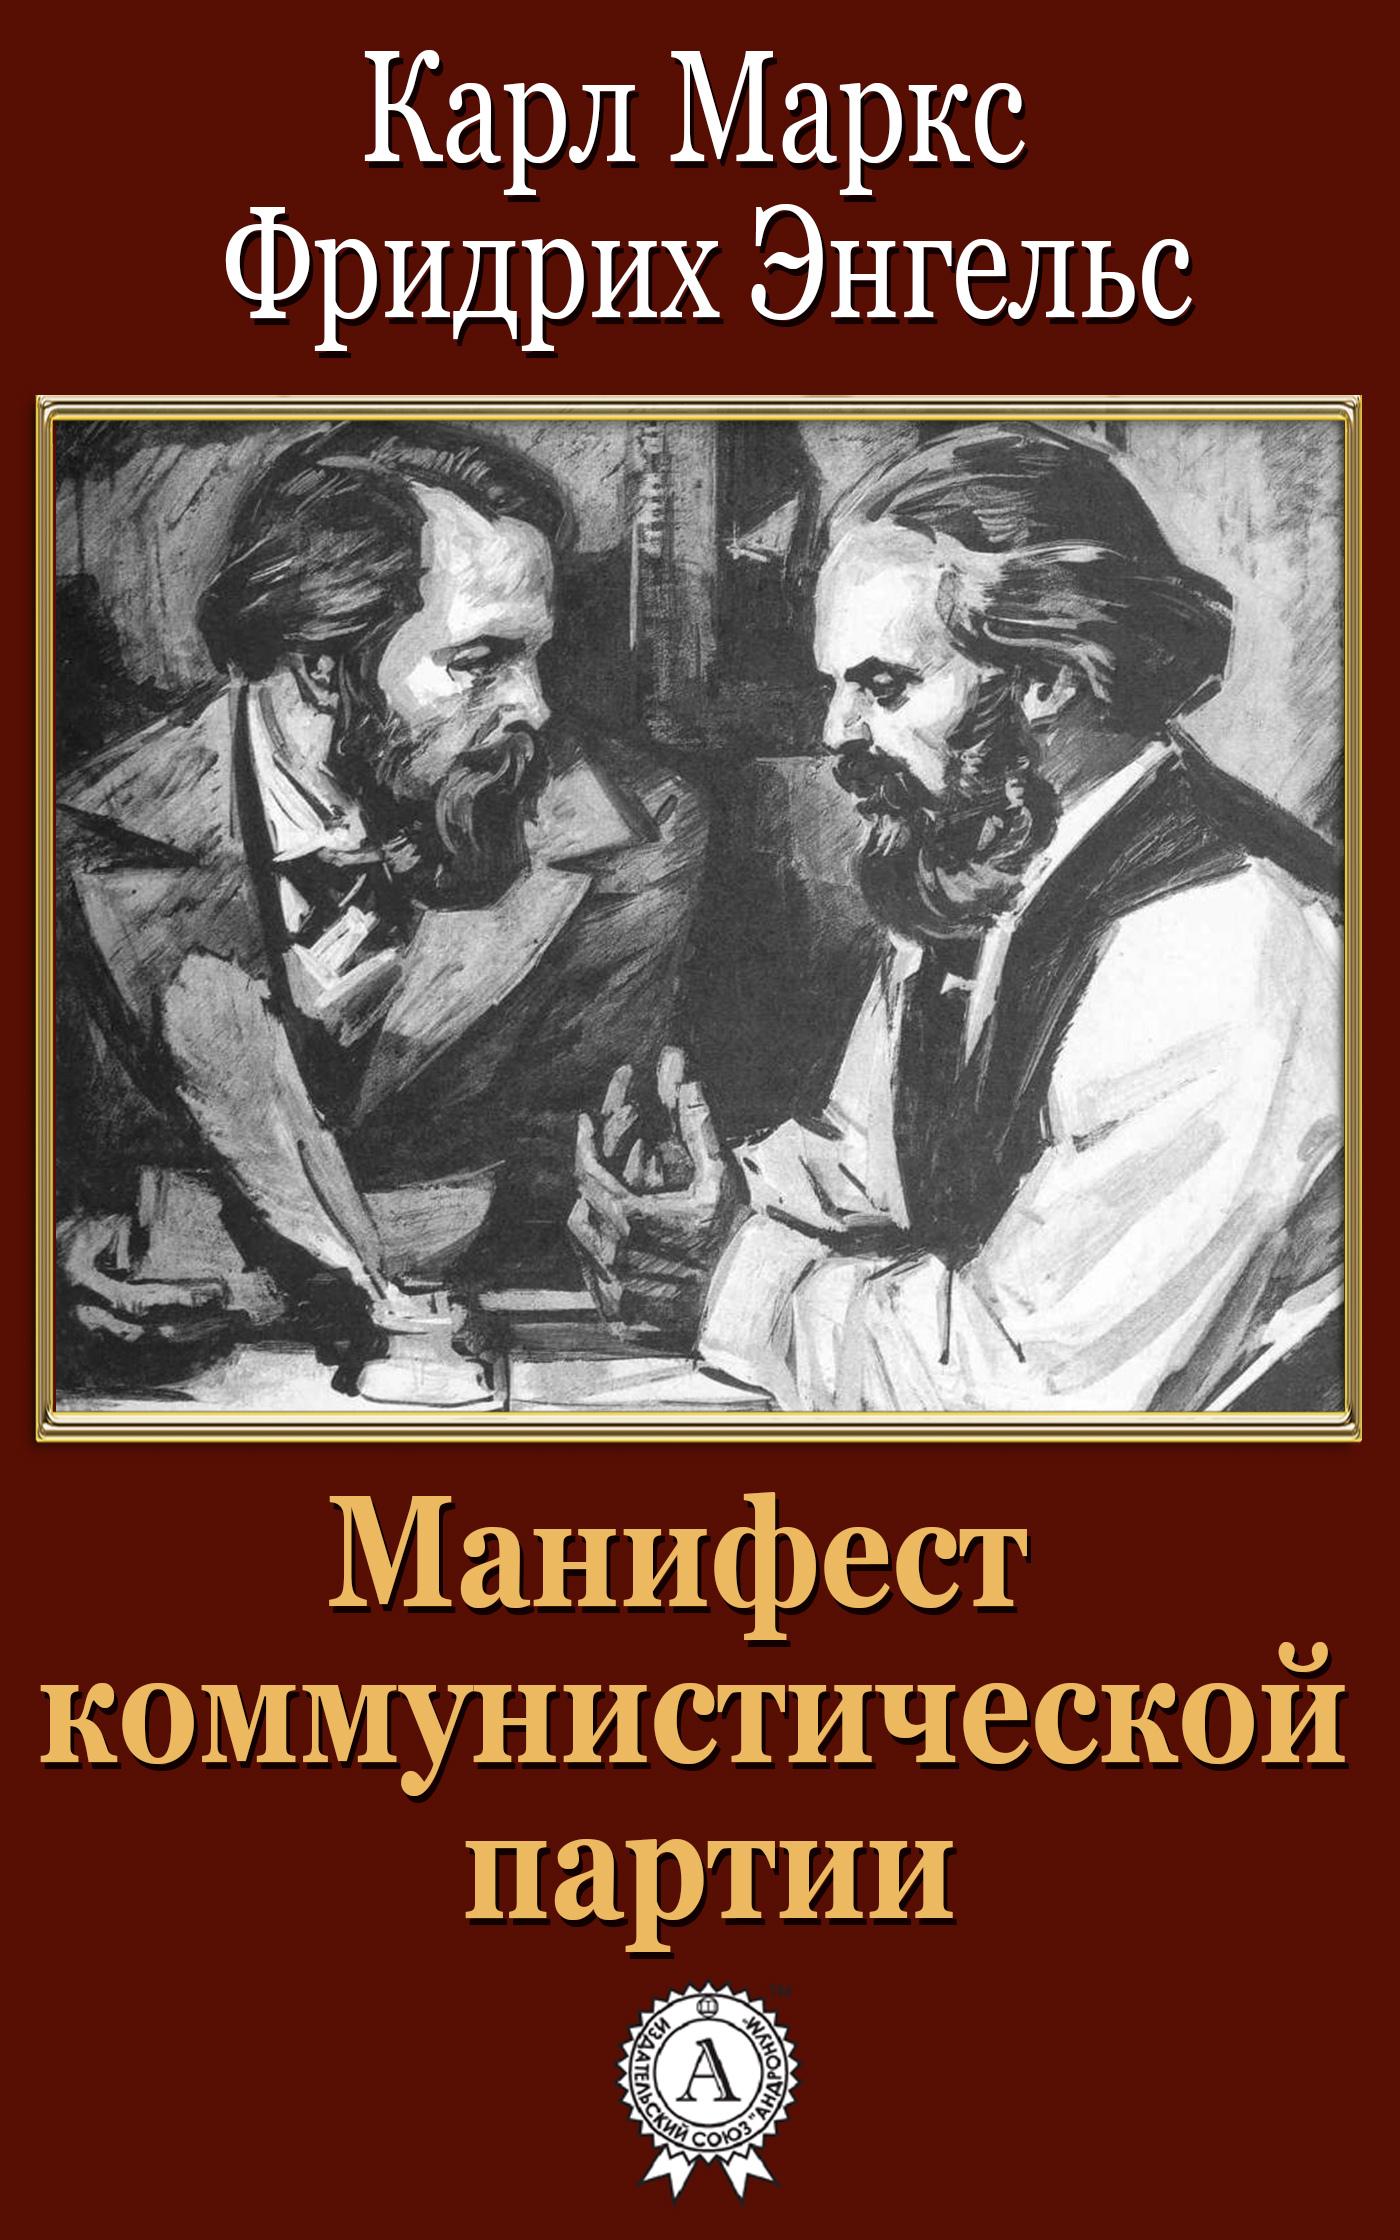 Карл Маркс Манифест коммунистической партии